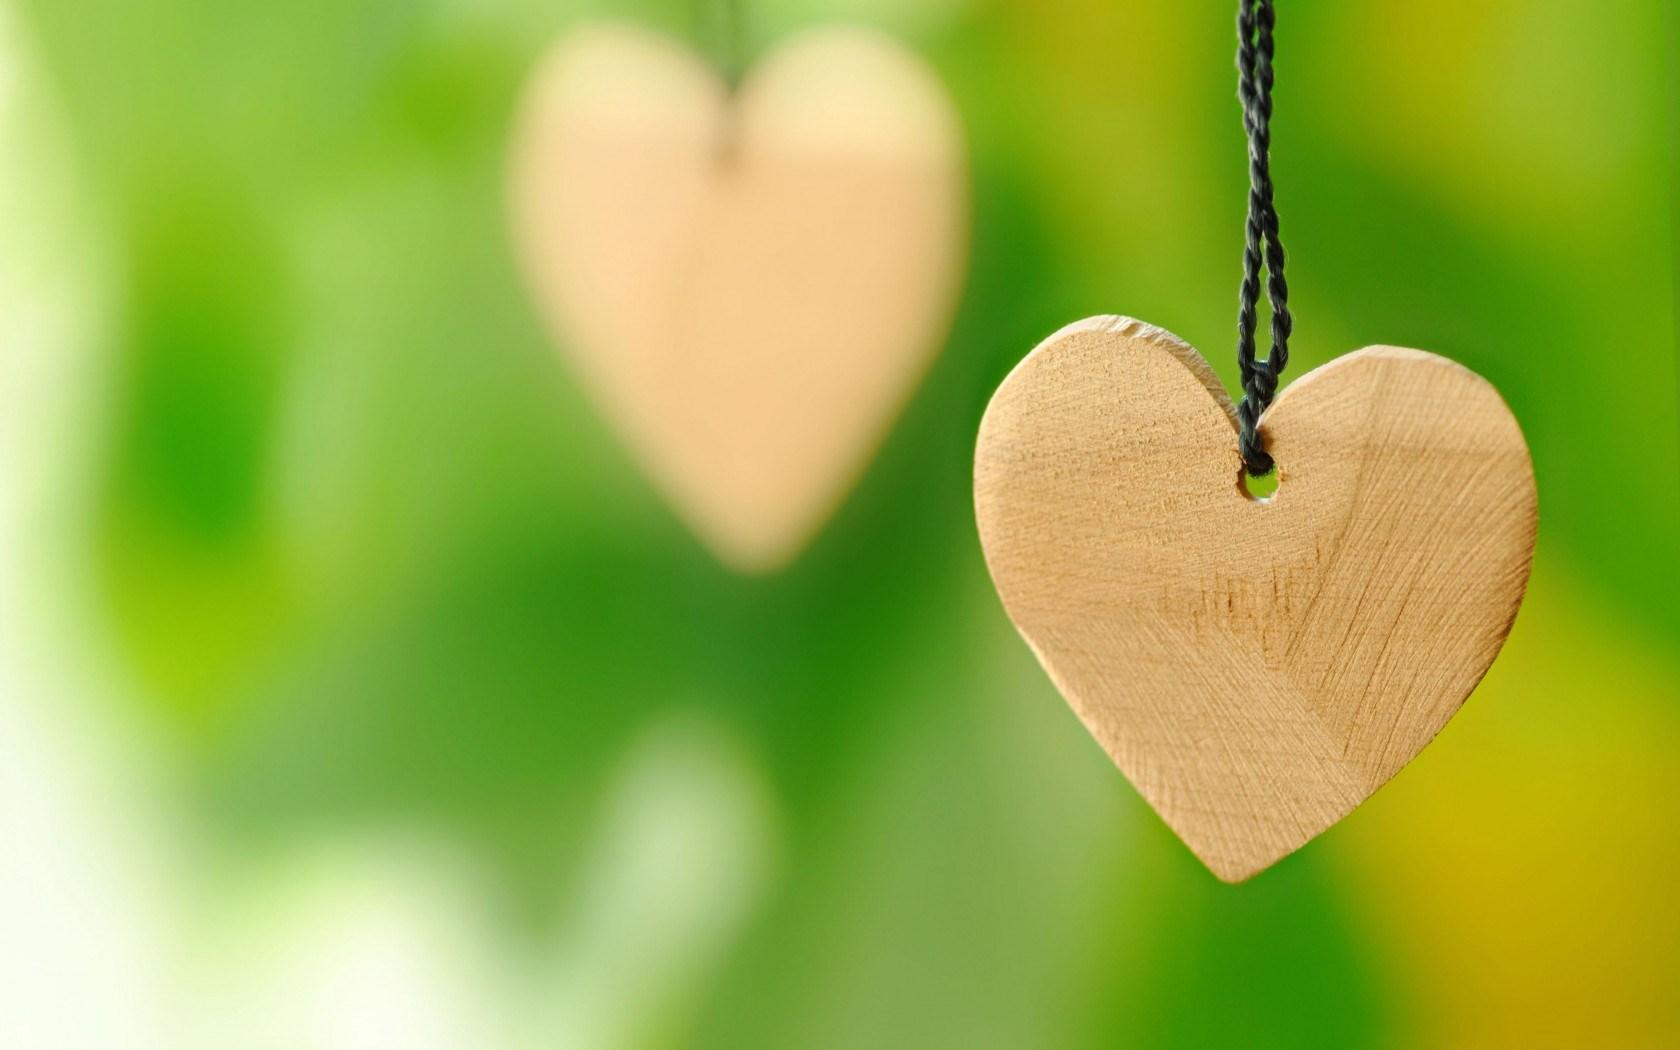 صور قلوب وحب ورومانسية وصورة قلب HD  (31)